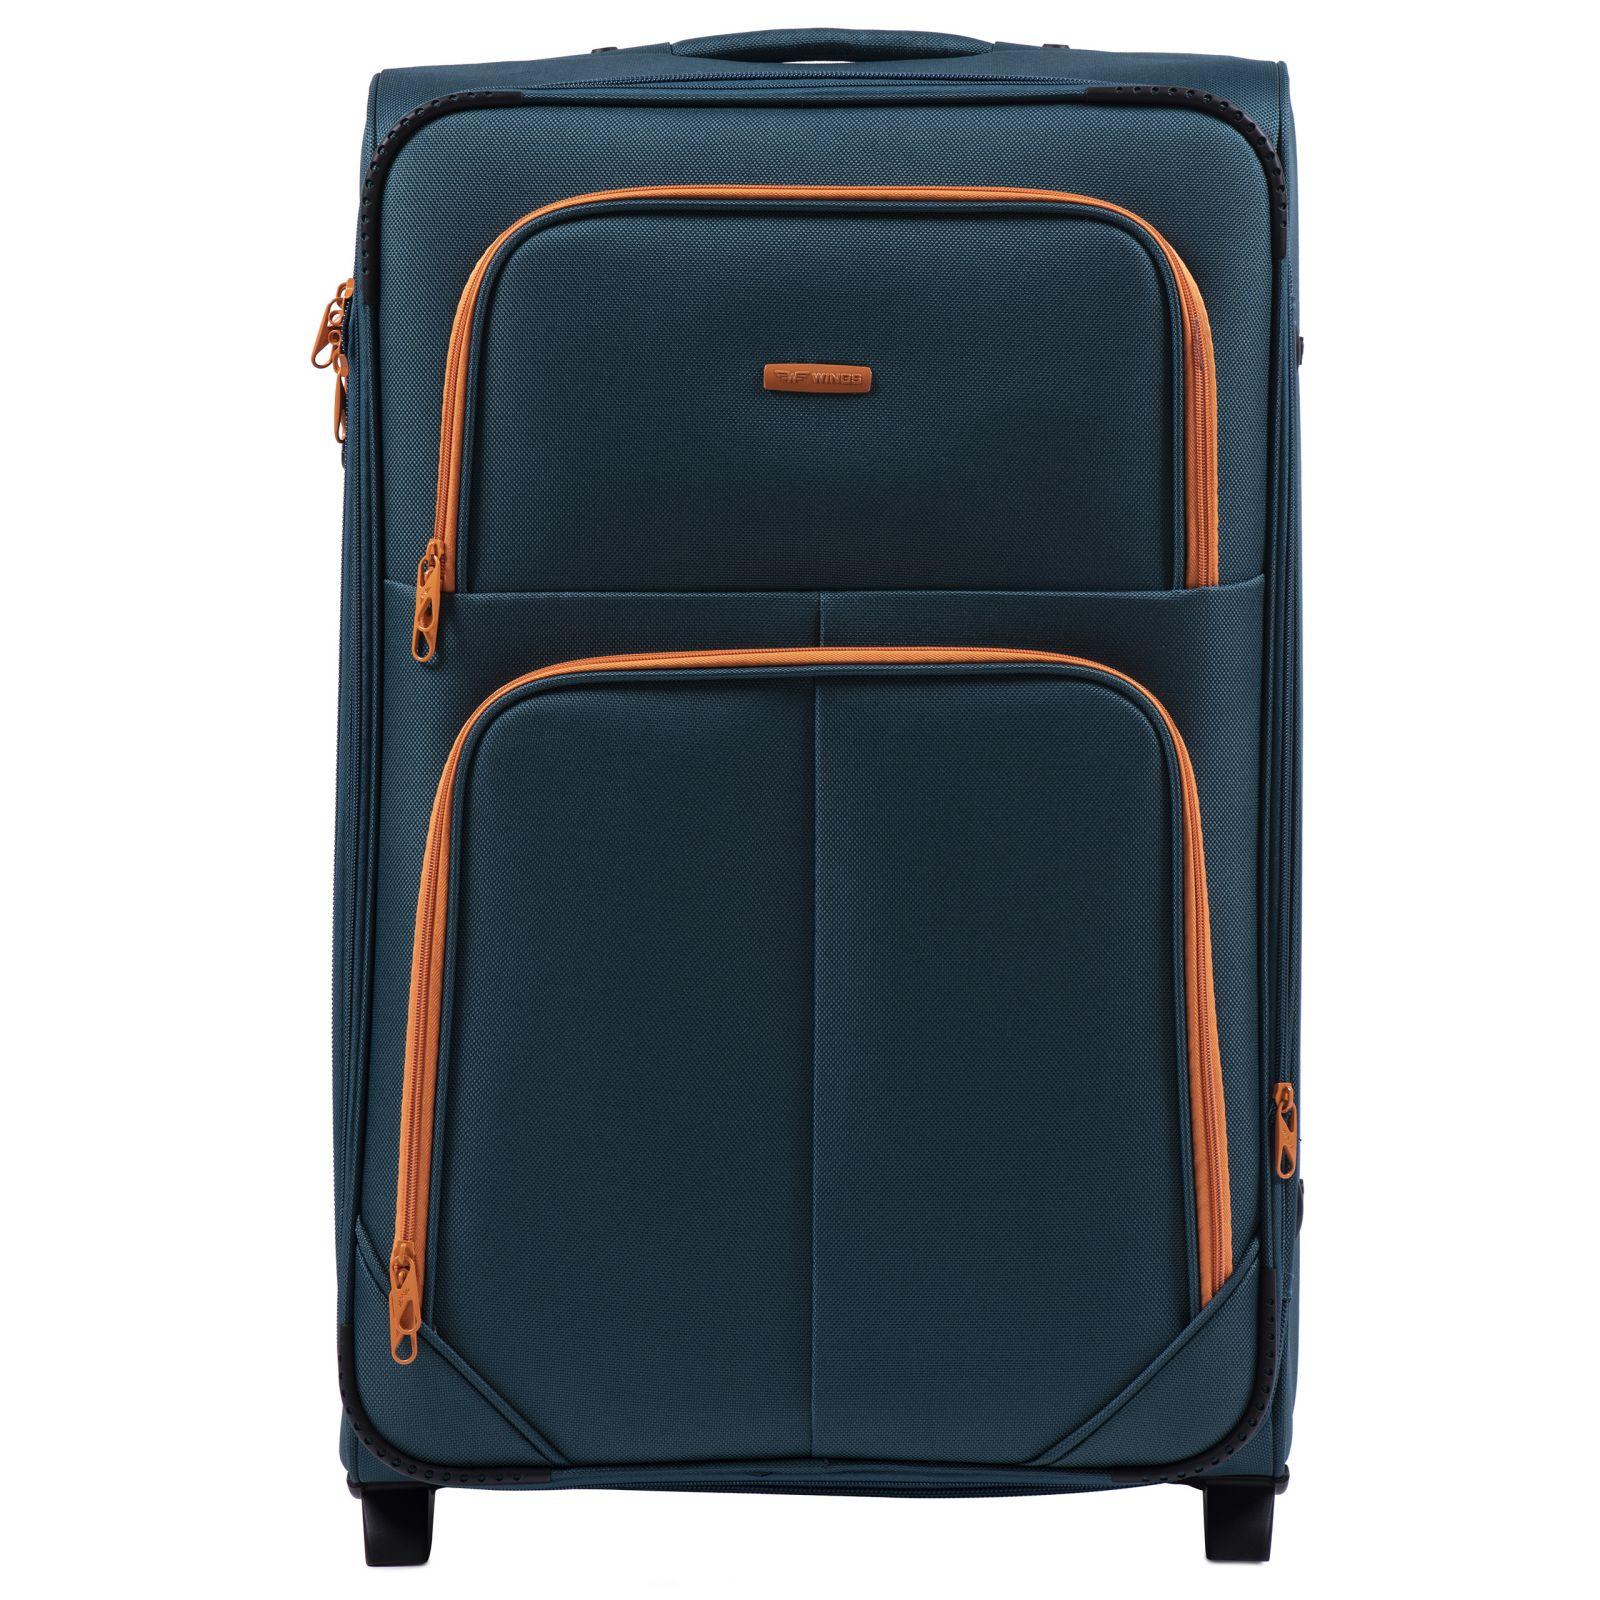 Cestovní kufr WINGS 214 DOUBLE TOURQUSE velký M